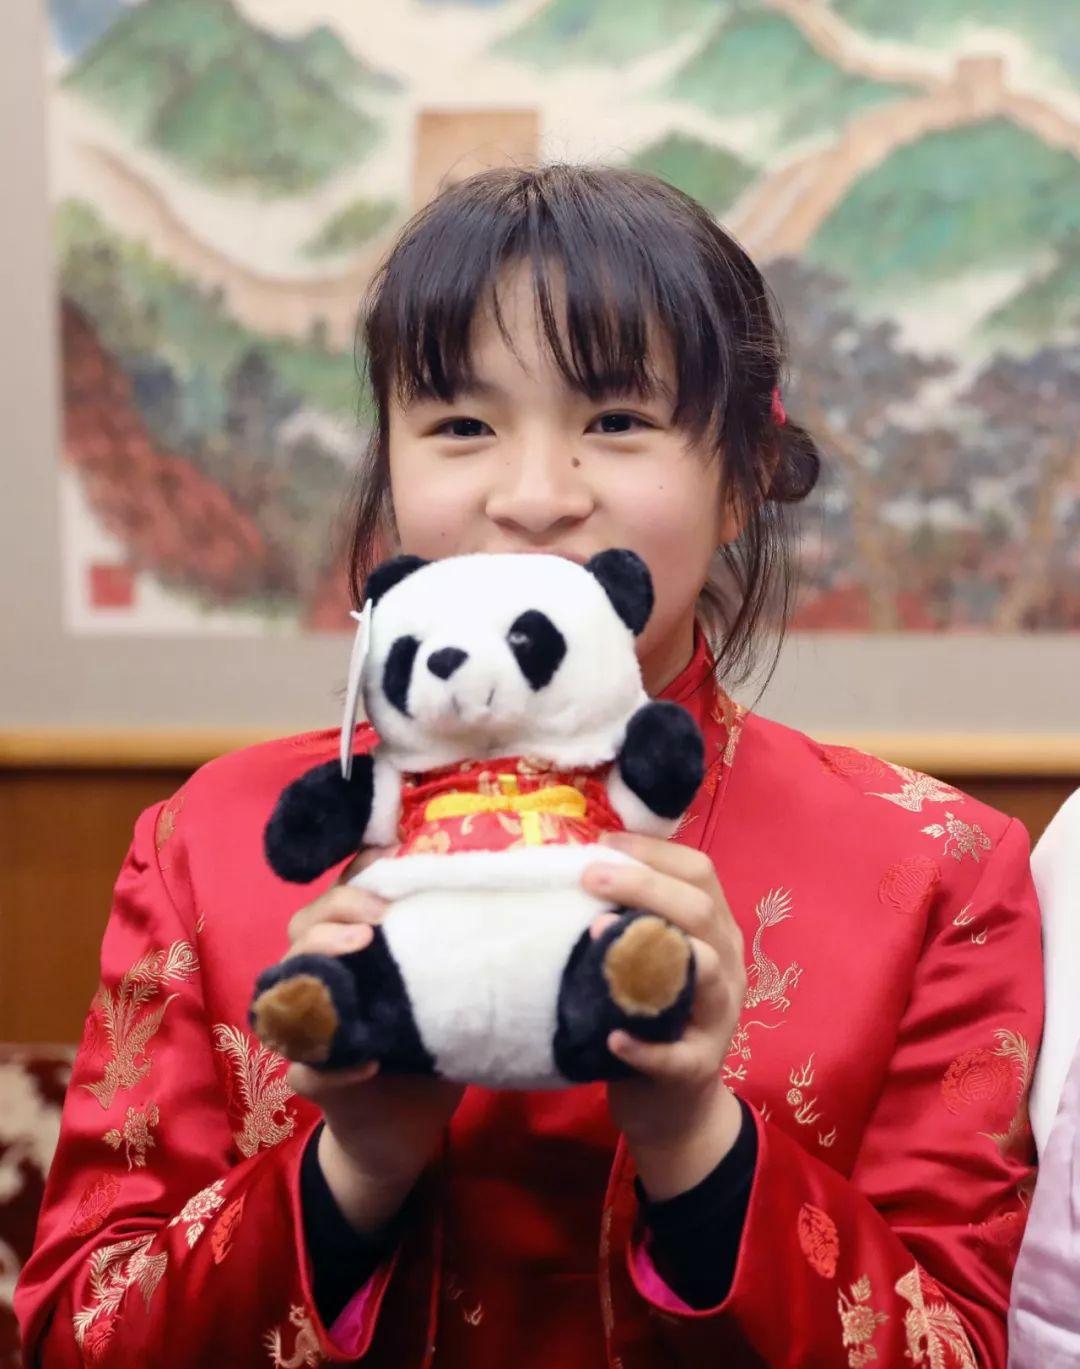 2月13日,旗袍女孩接受记者采访时一直抱着大熊猫玩偶不撒手。新华社记者 杜潇逸 摄